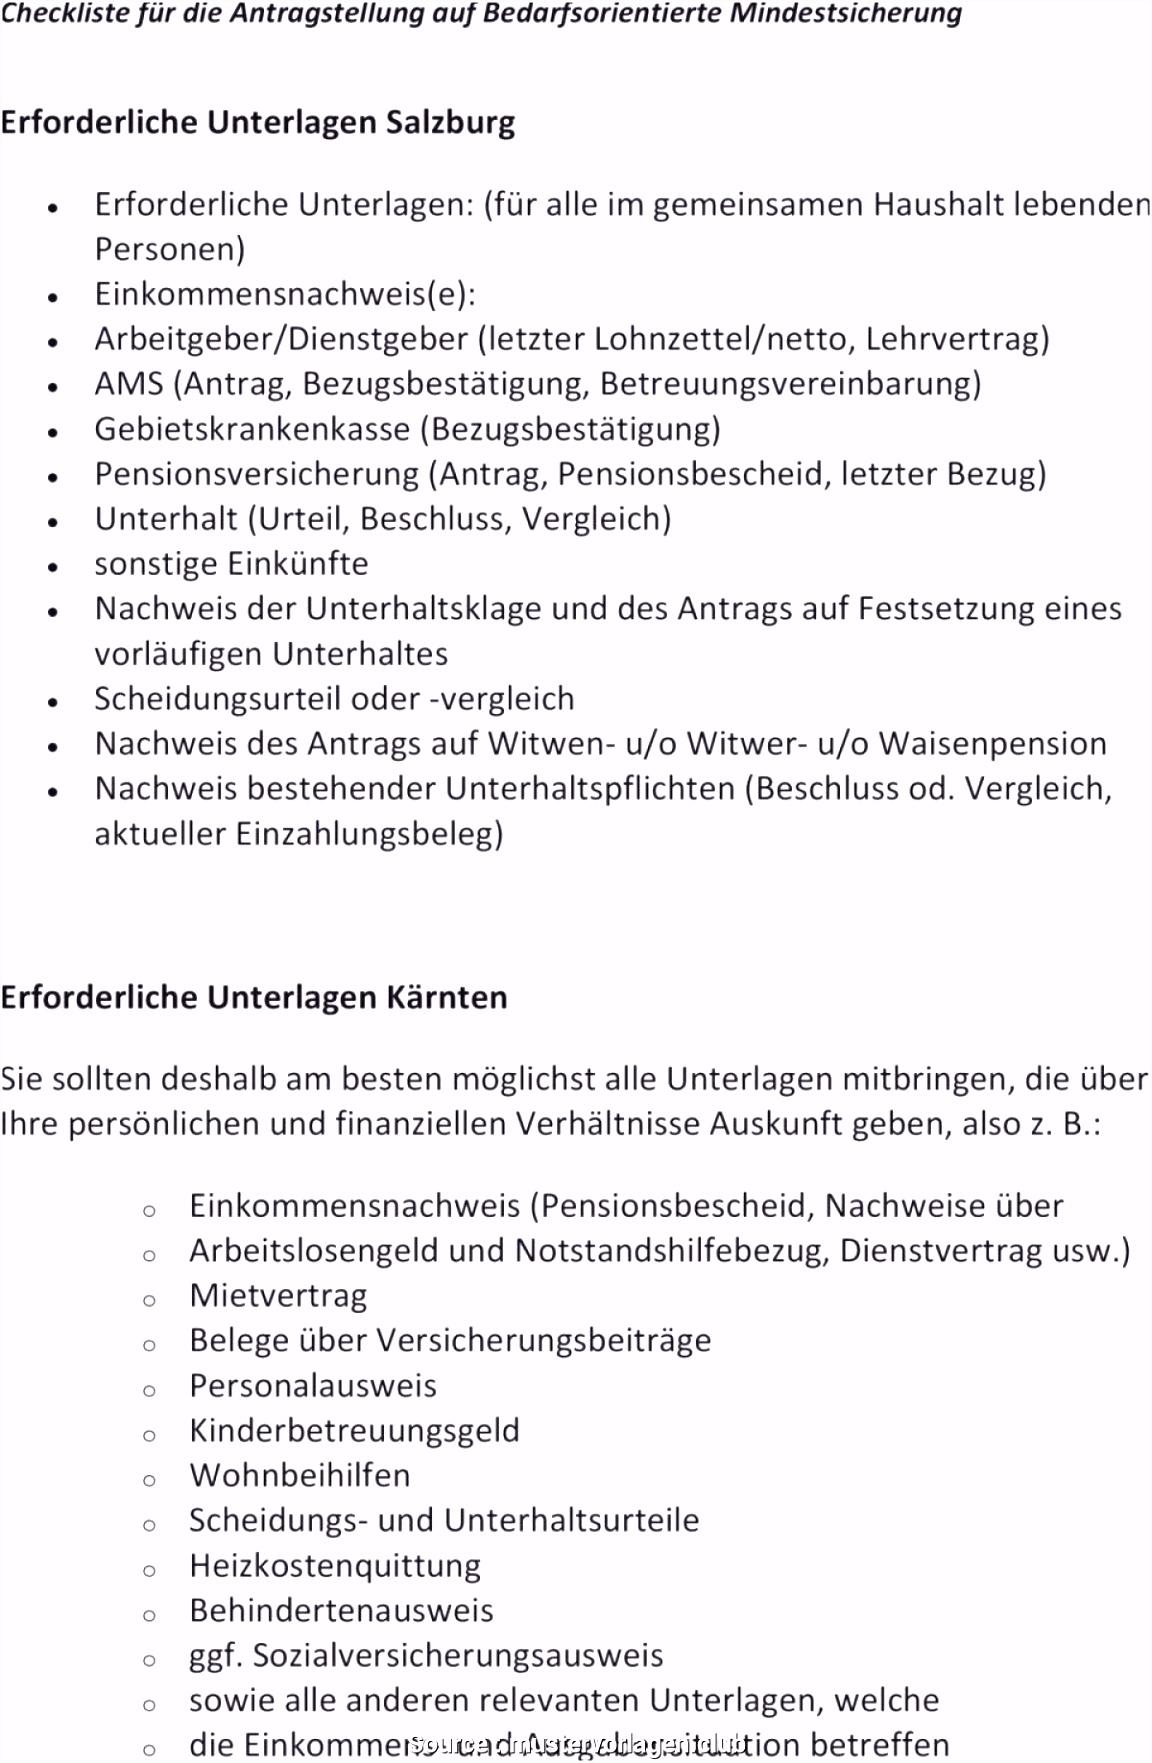 Ausgezeichnet Fristgerechte Kündigung Arbeitgeber Beispiel with